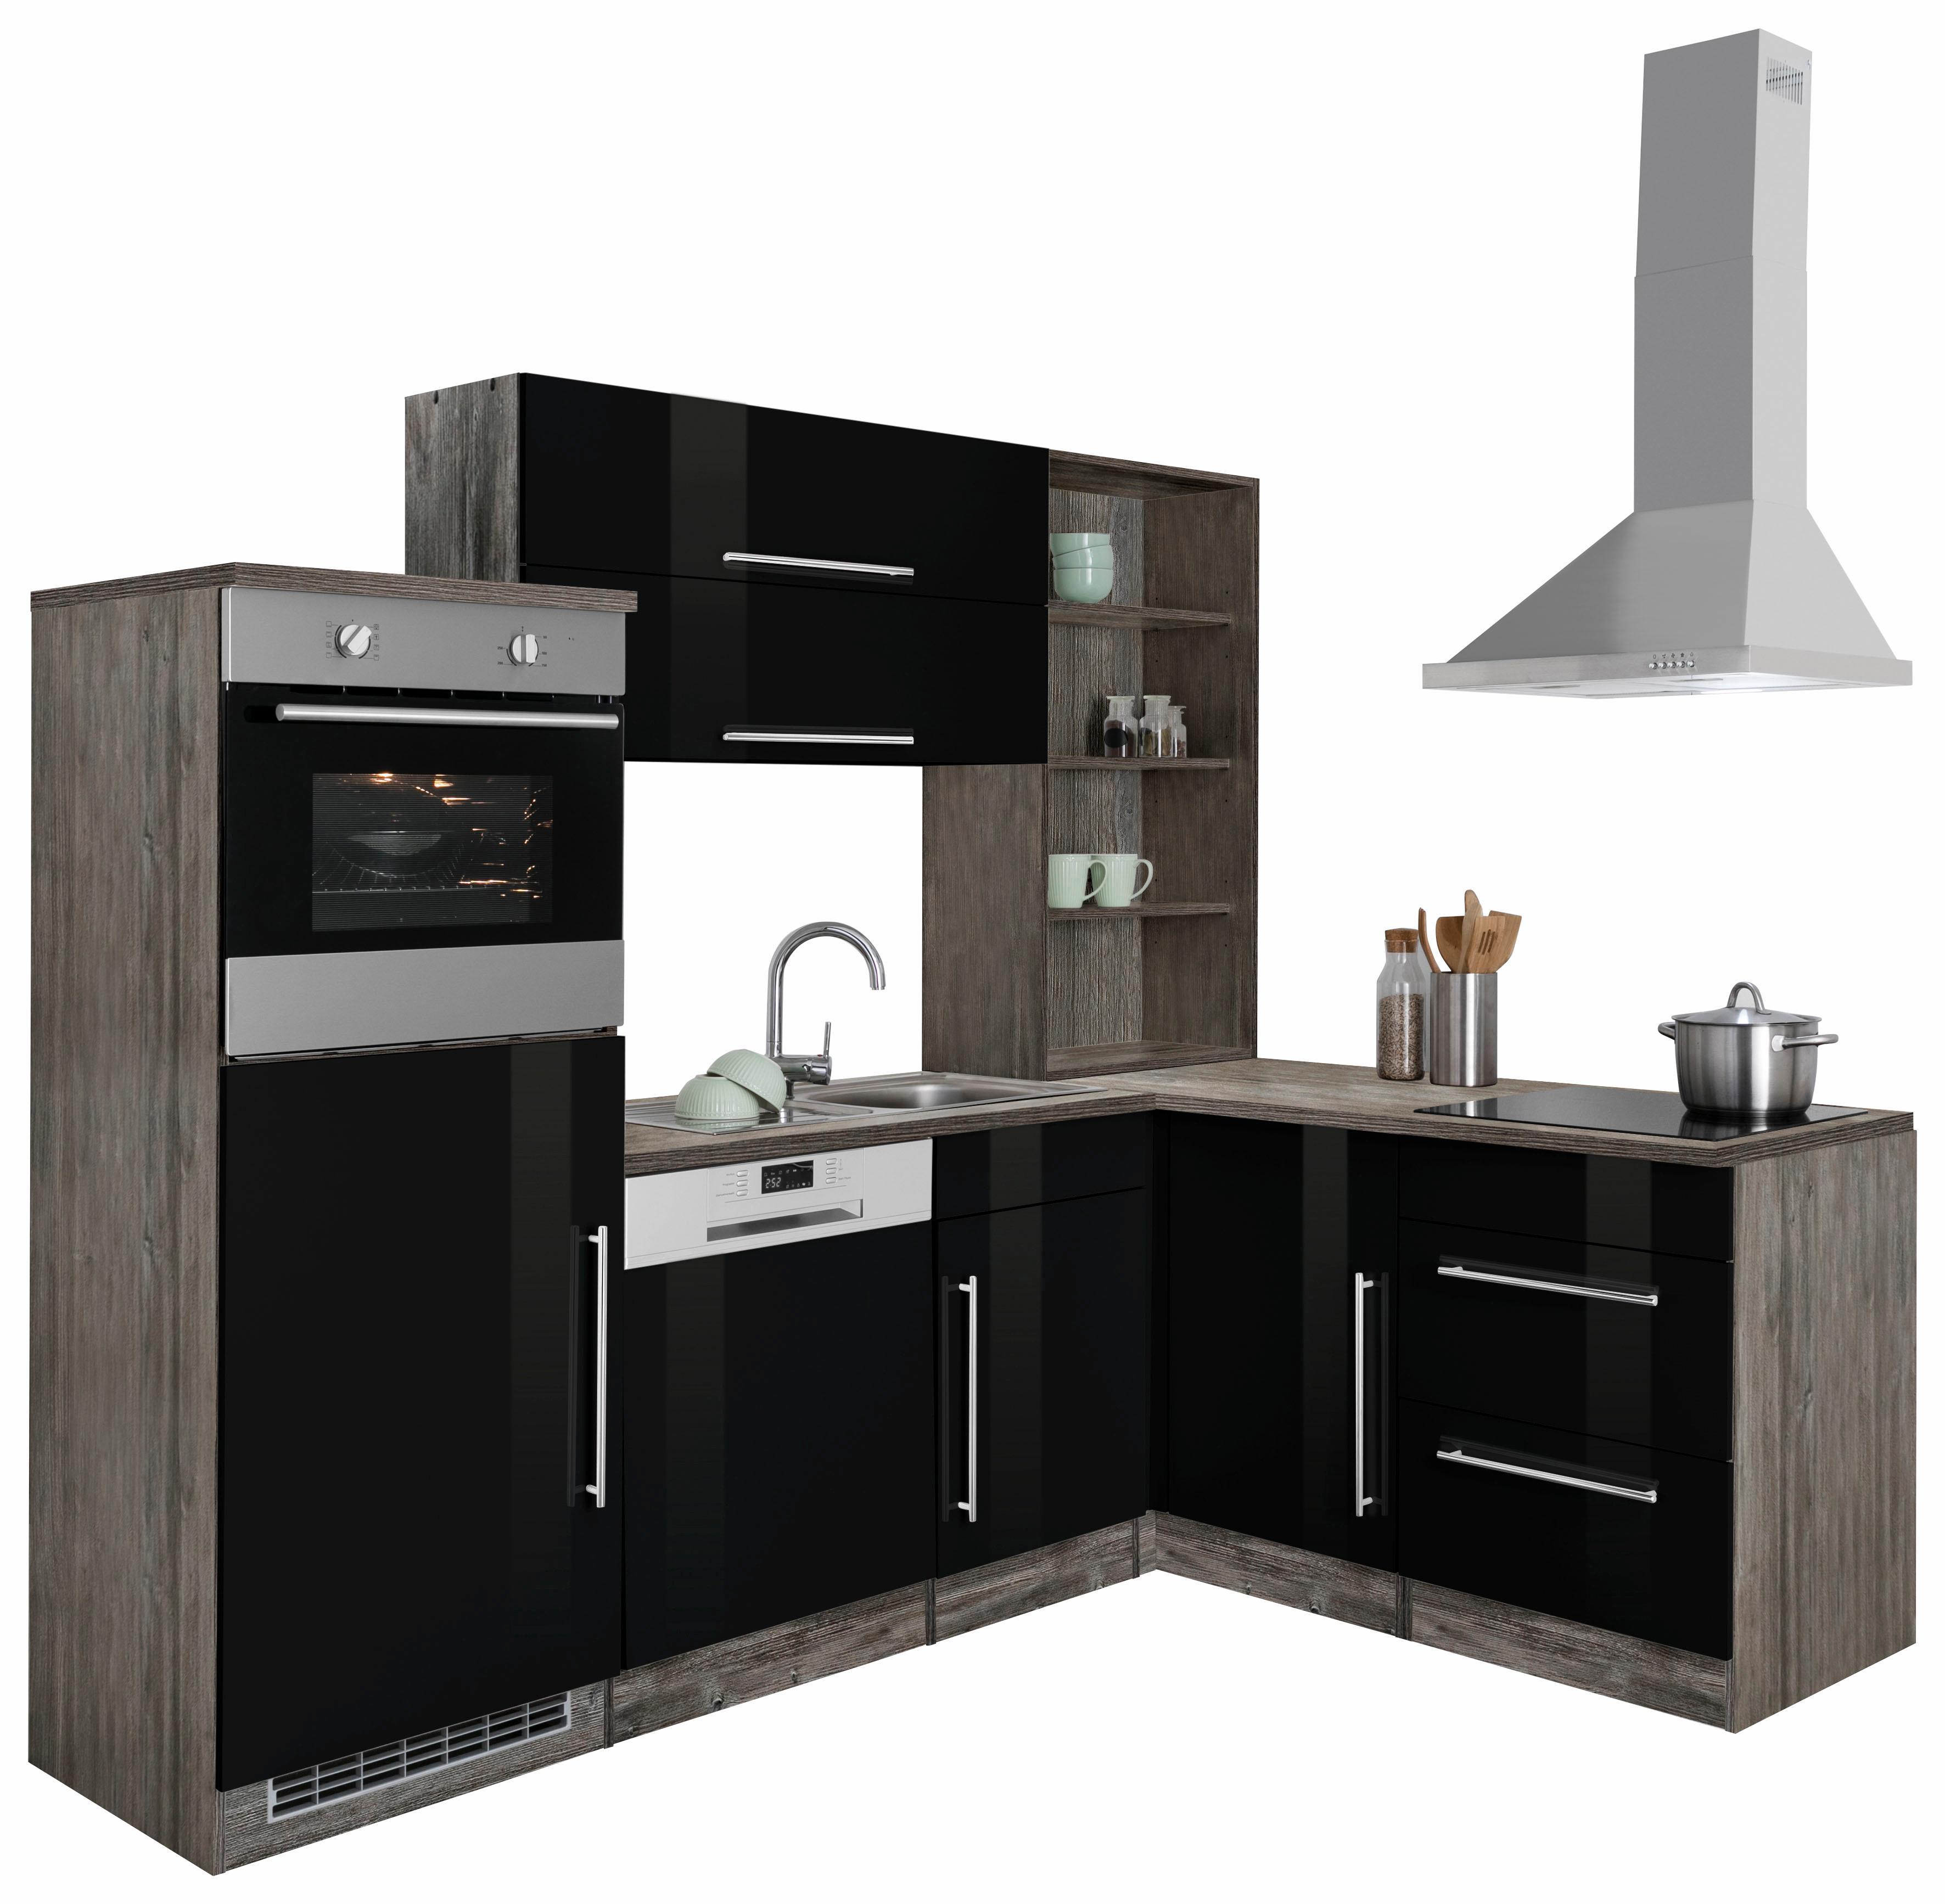 Bildquelle: HELD MÖBEL Winkelküche »Samos«, Ohne E Geräte, Stellbreite 230  X 170 Cm